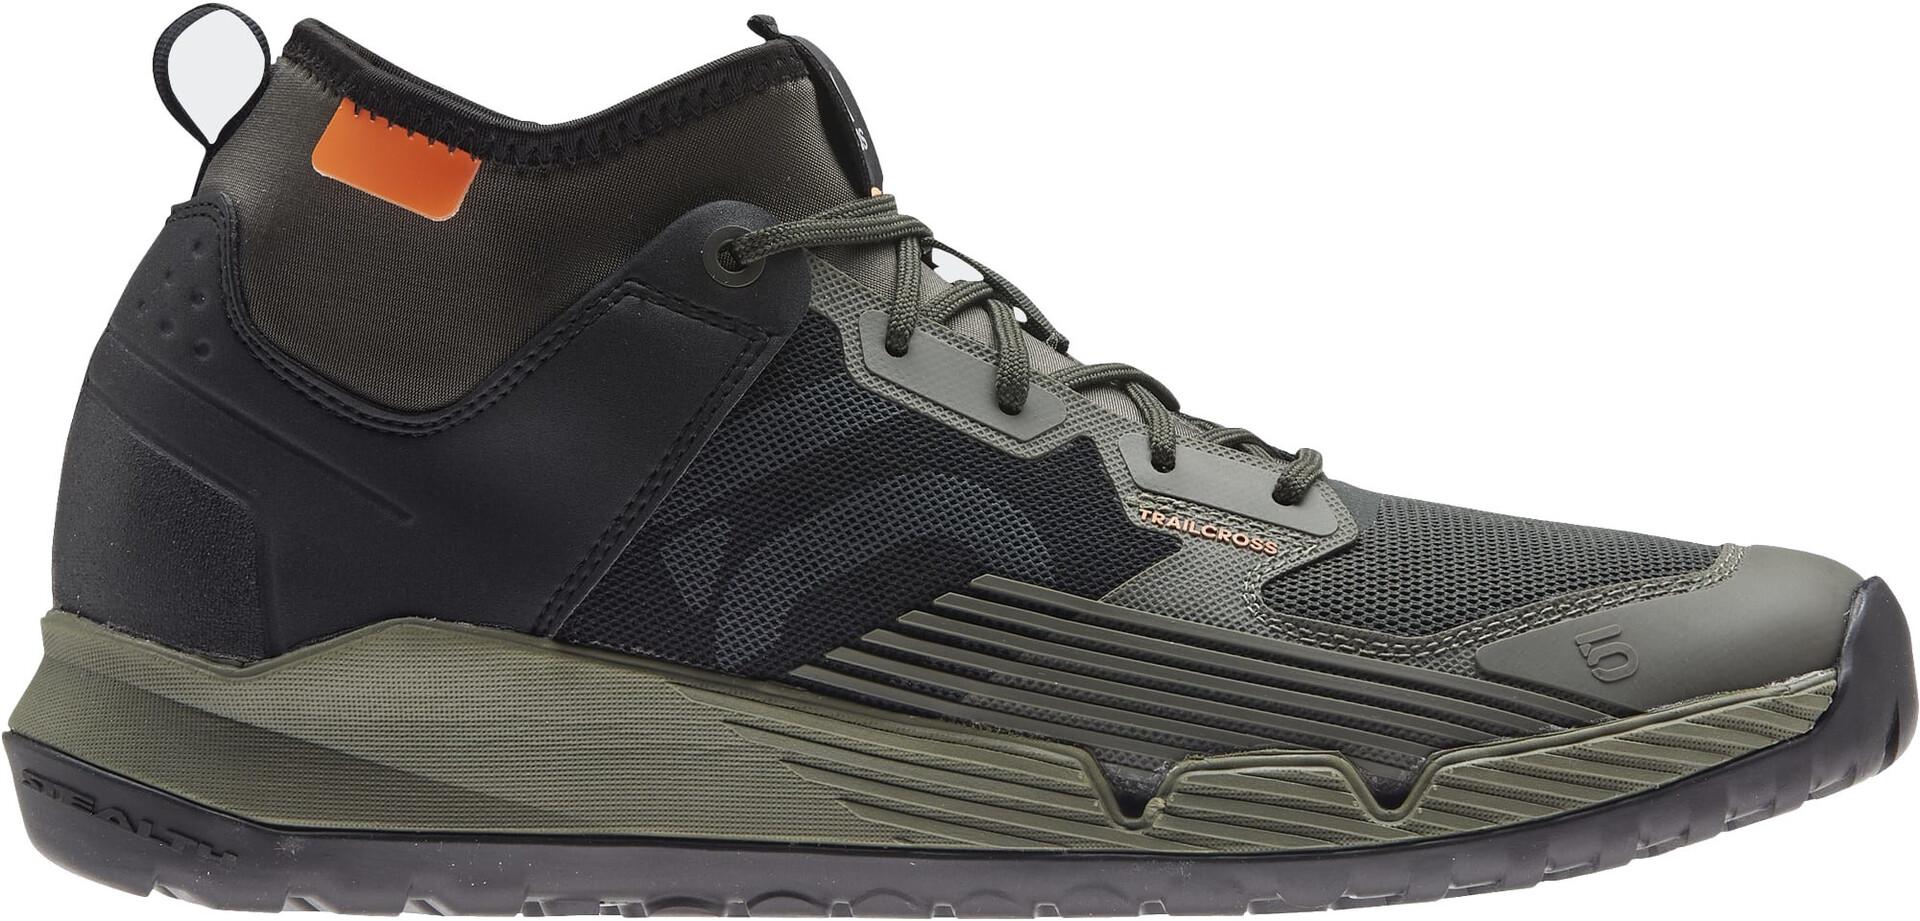 adidas Five Ten Trailcross XT MTB Shoes